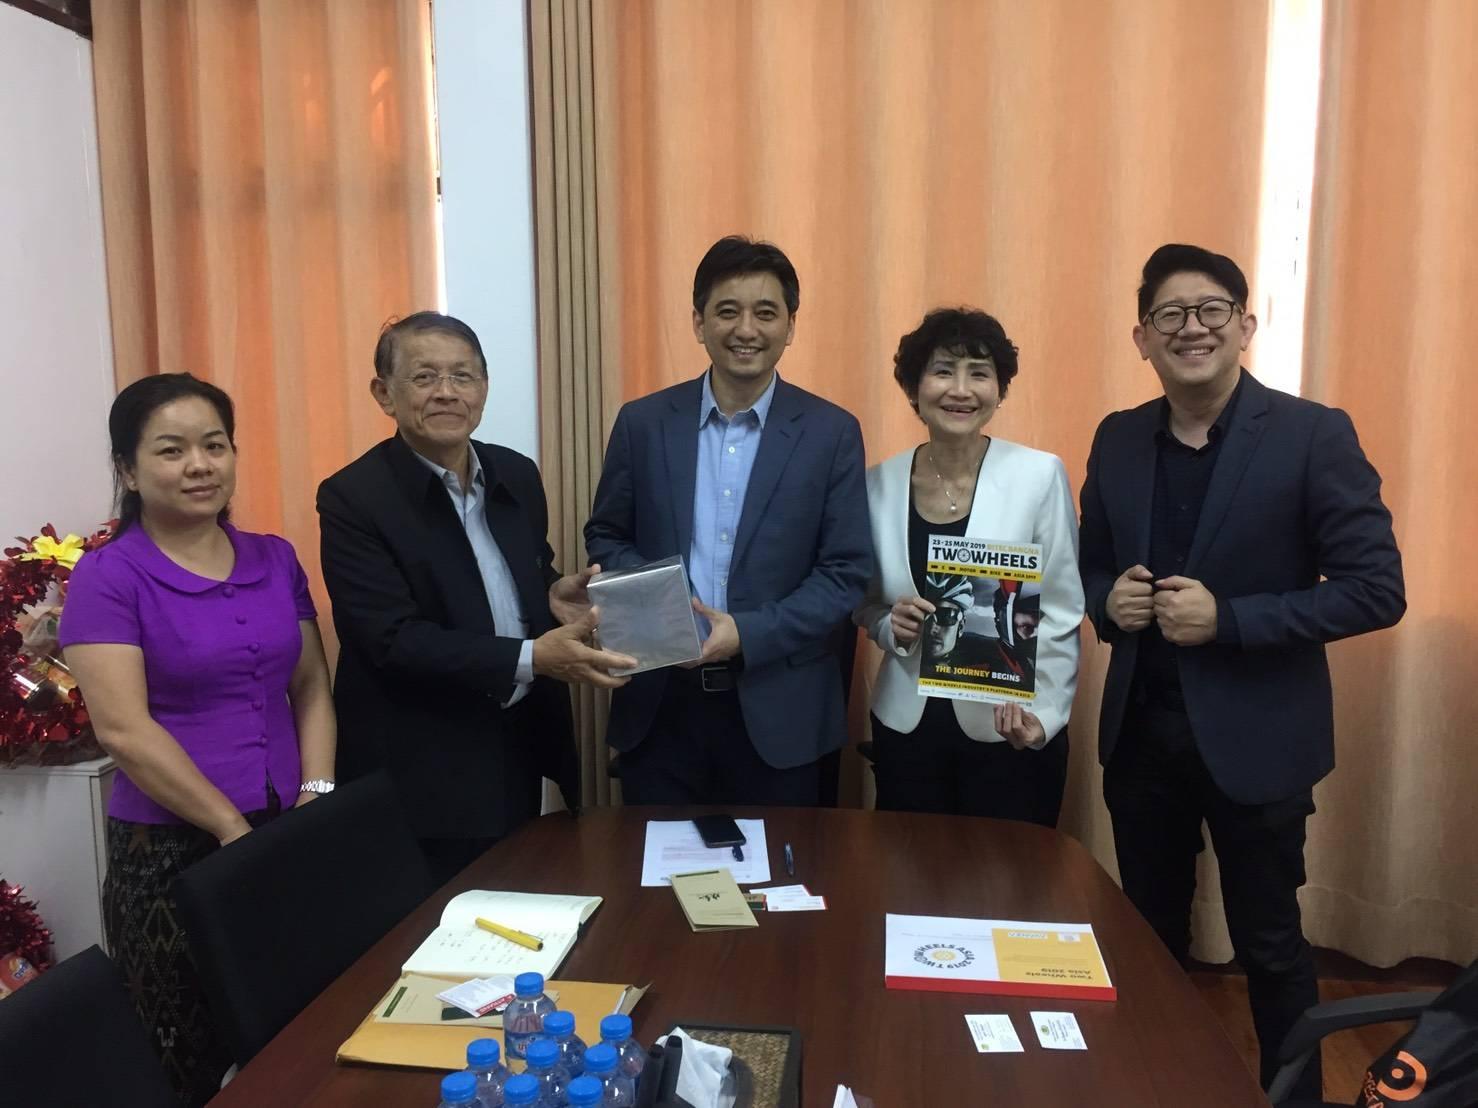 ภาคีความร่วมมือการจัดงาน TWO WHEELS ASIA 2019 ประเทศลาว